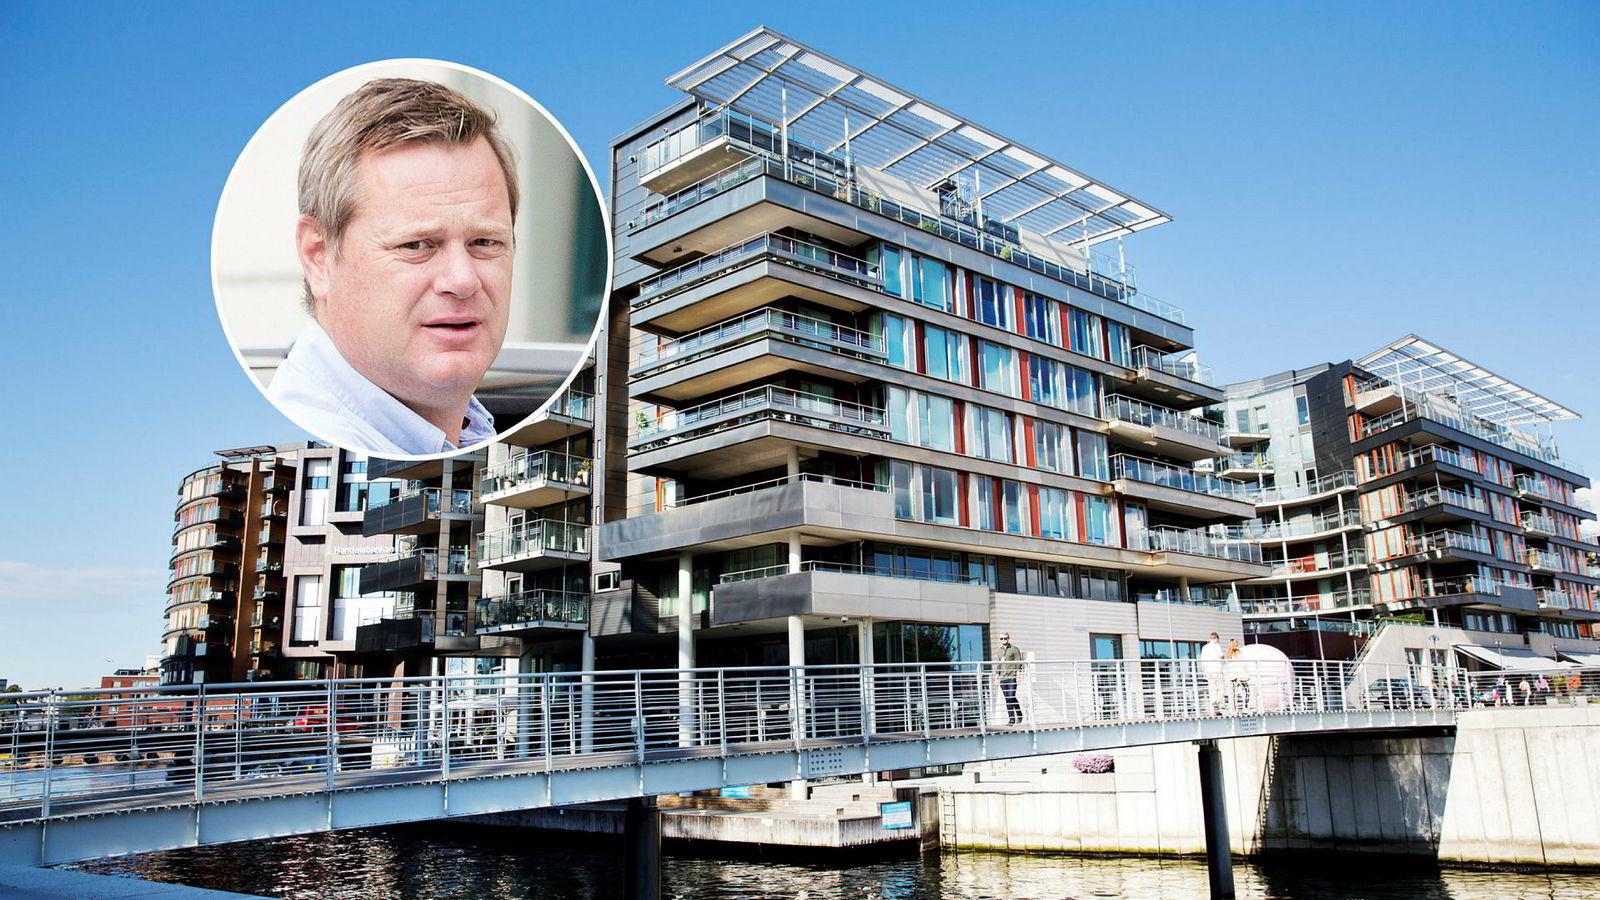 Einar Aas fikk 67,5 millioner kroner for sin 385 kvadratmeter store penthouseleilighet på Tjuvholmen i Oslo.